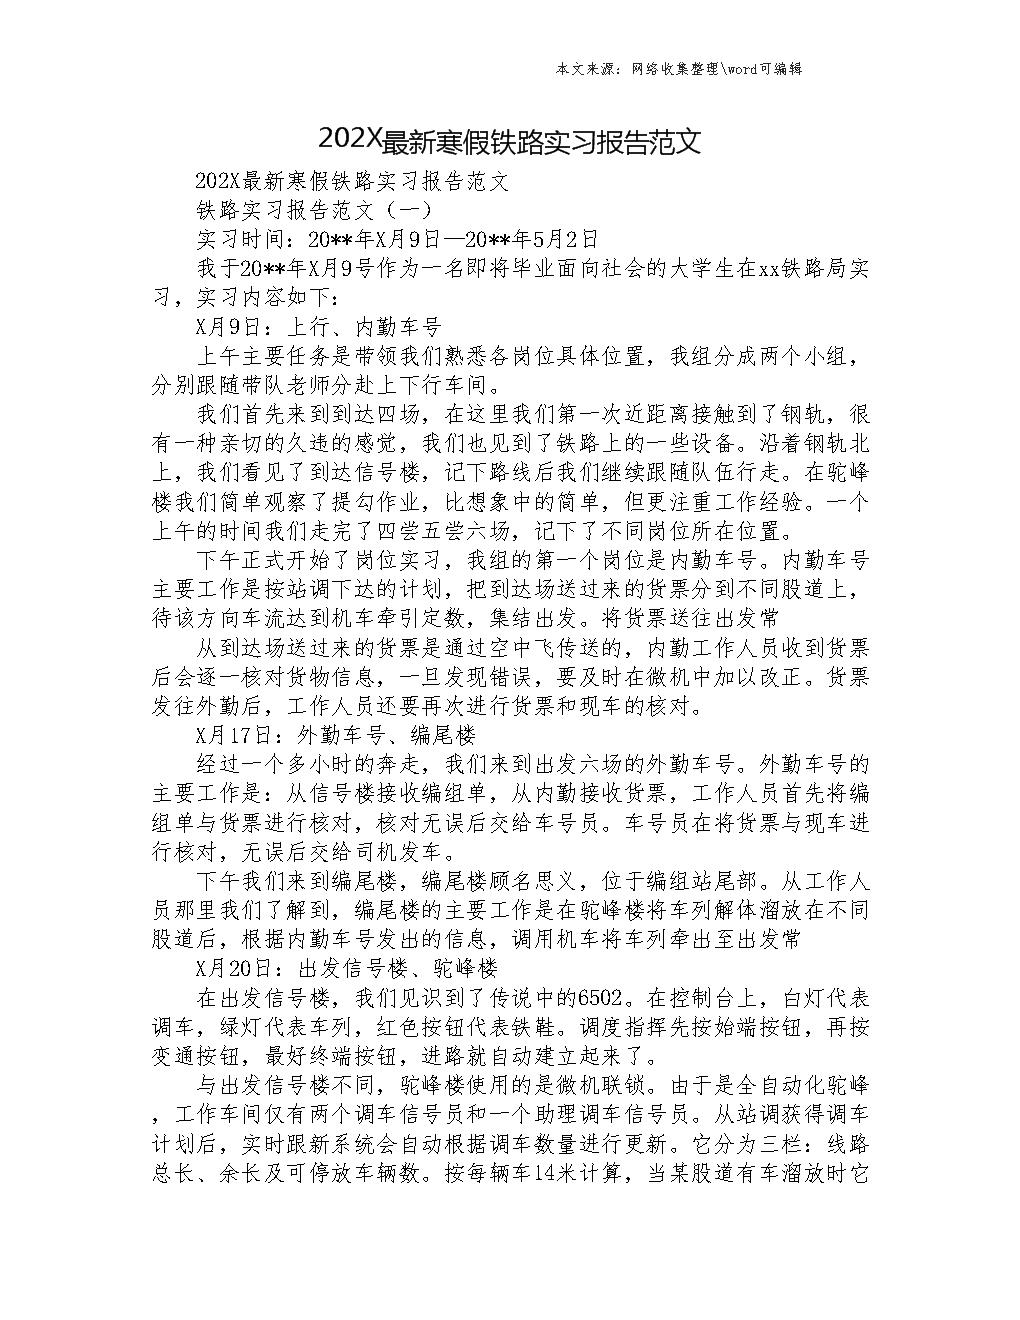 2020最新寒假铁路实习报告范文l.doc